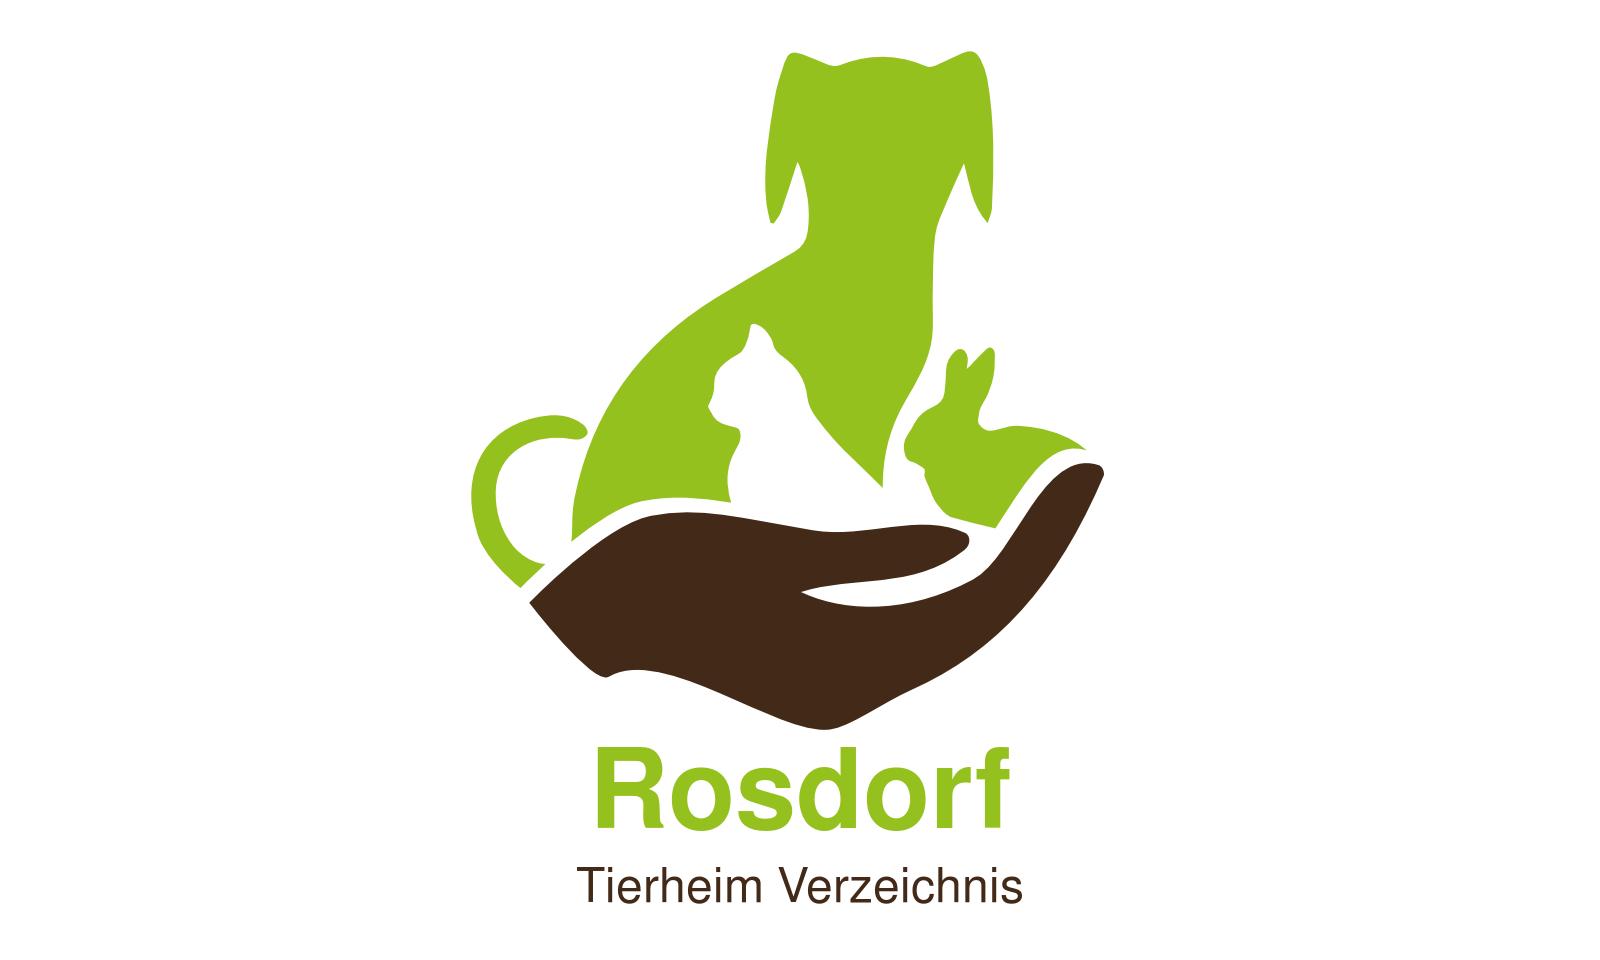 Tierheim Rosdorf